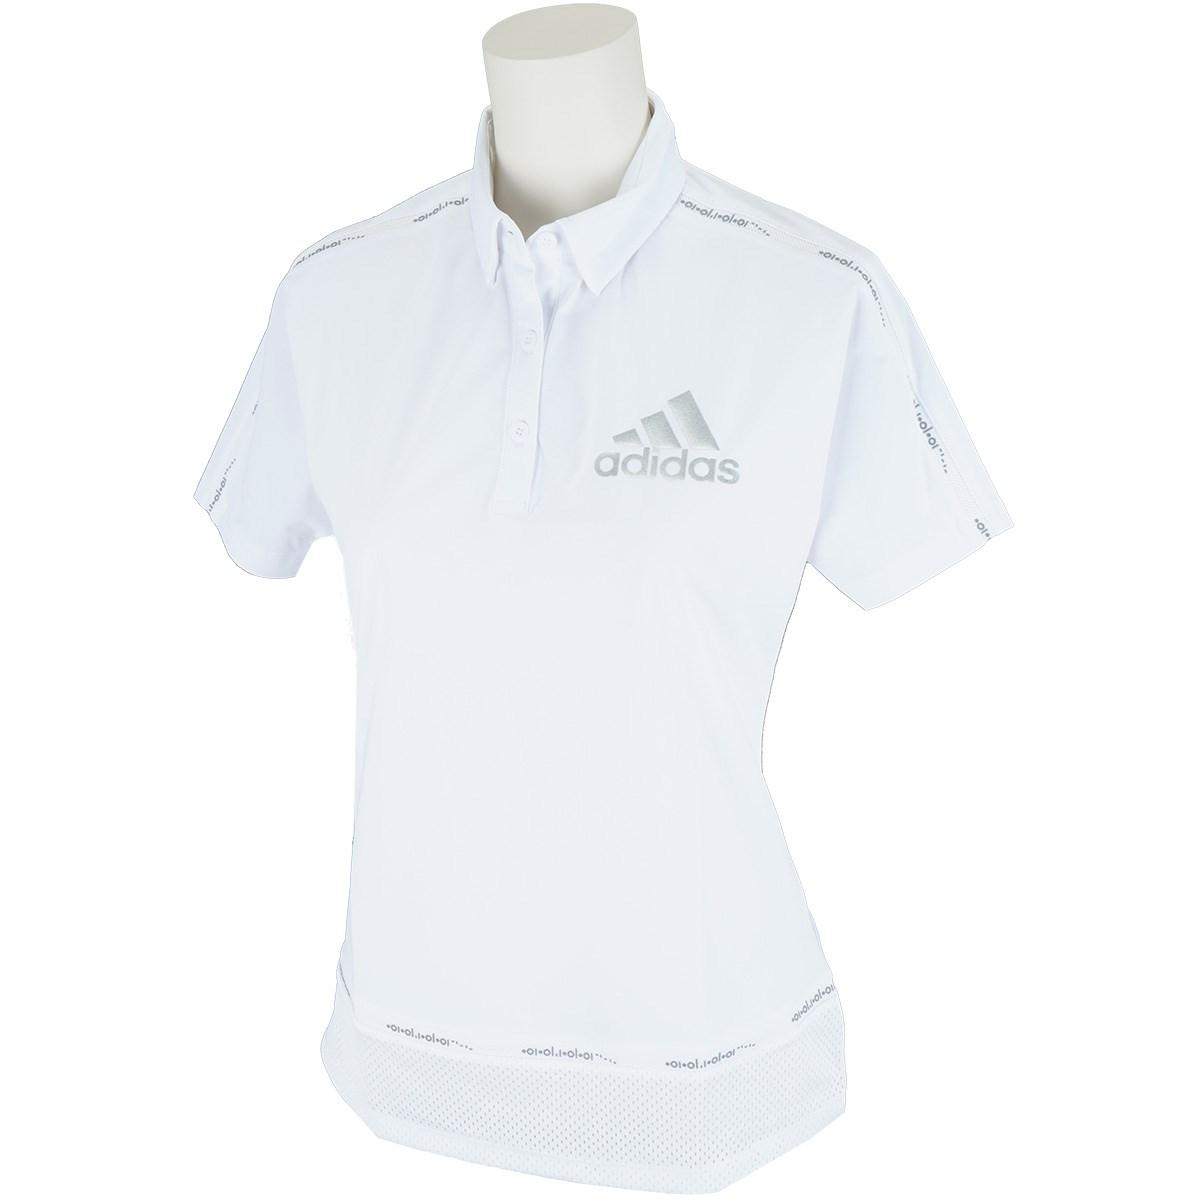 アディダス Adidas ラインド半袖ポロシャツ J/S ホワイト レディス